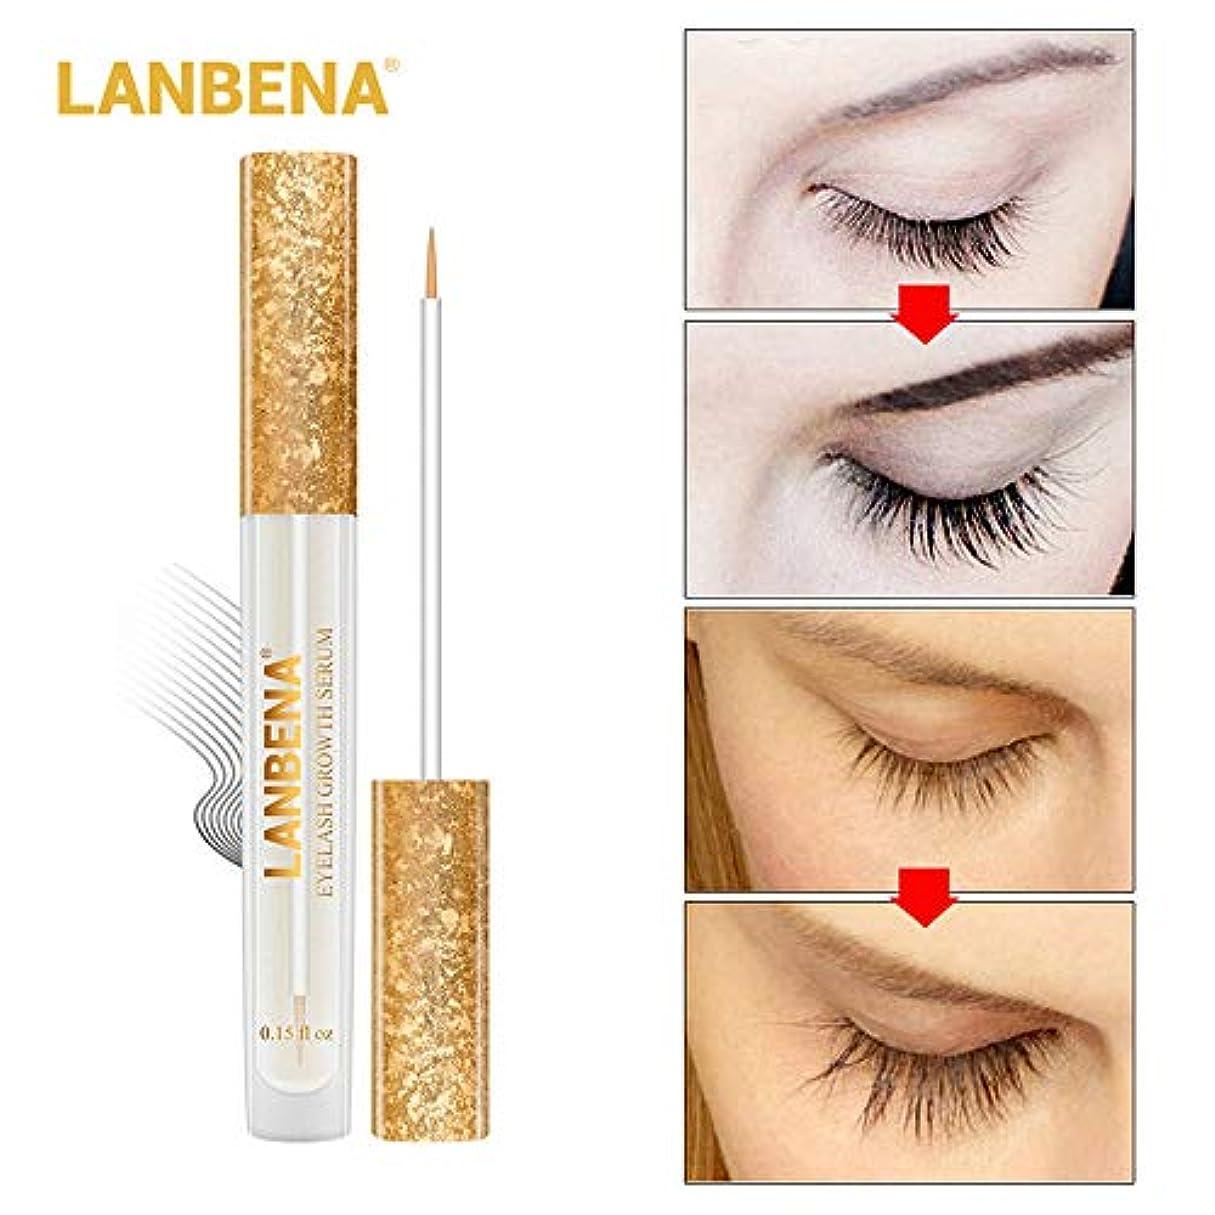 行アクティビティマイルストーン眉毛まつげ速い急速な成長の液体エンハンサー栄養液栄養